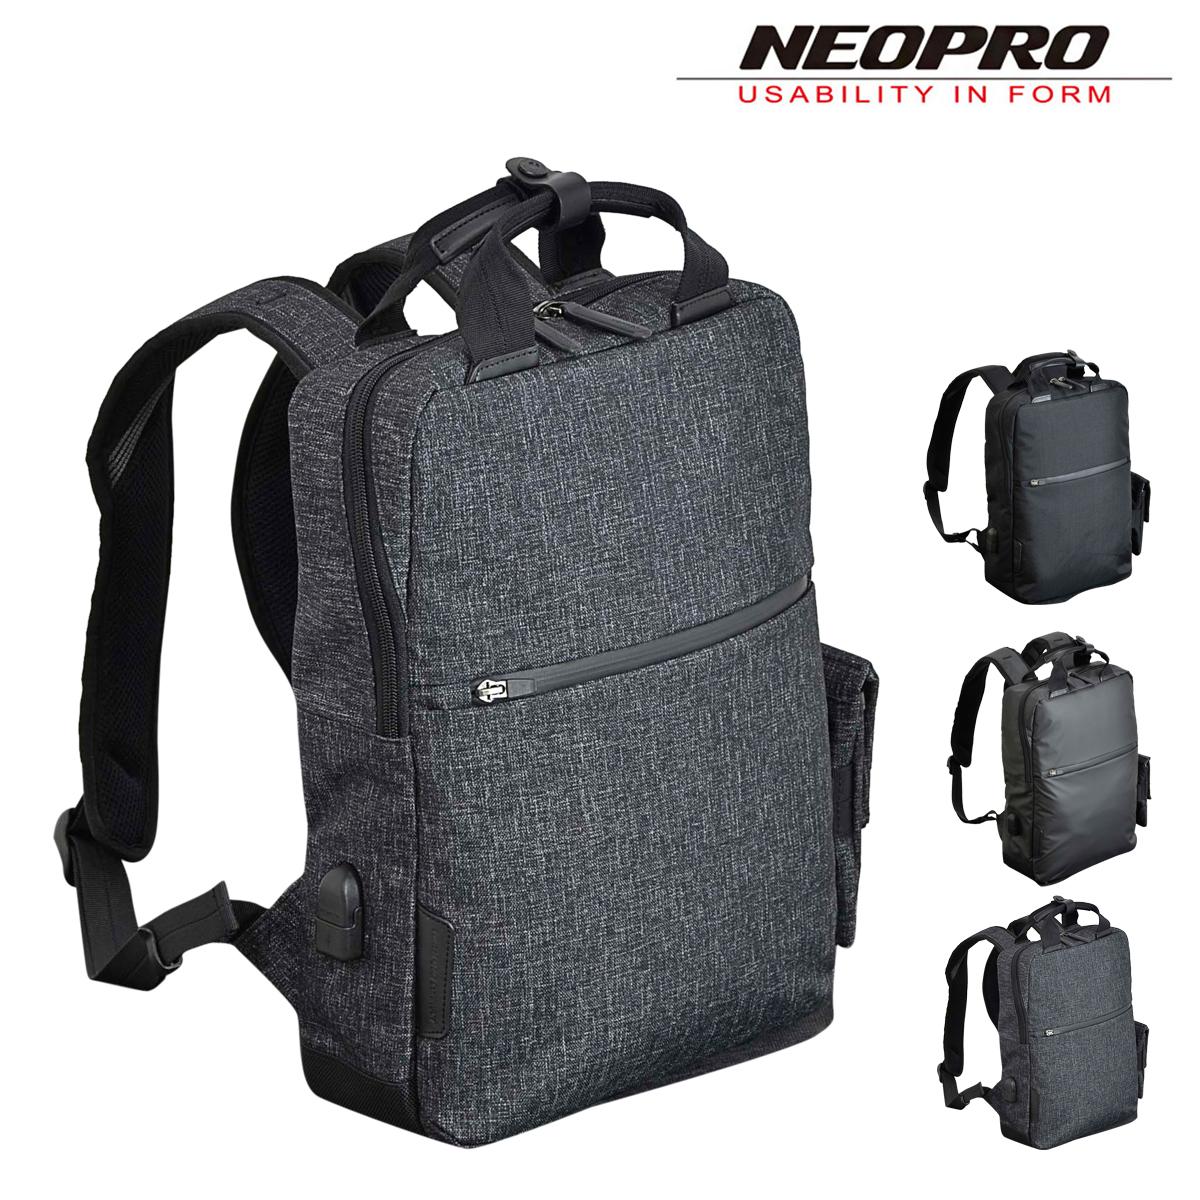 ネオプロ リュック 2WAY コネクト メンズ 2-773 NEOPRO   リュックサック 軽量 撥水 ビジネスリュック [PO10]